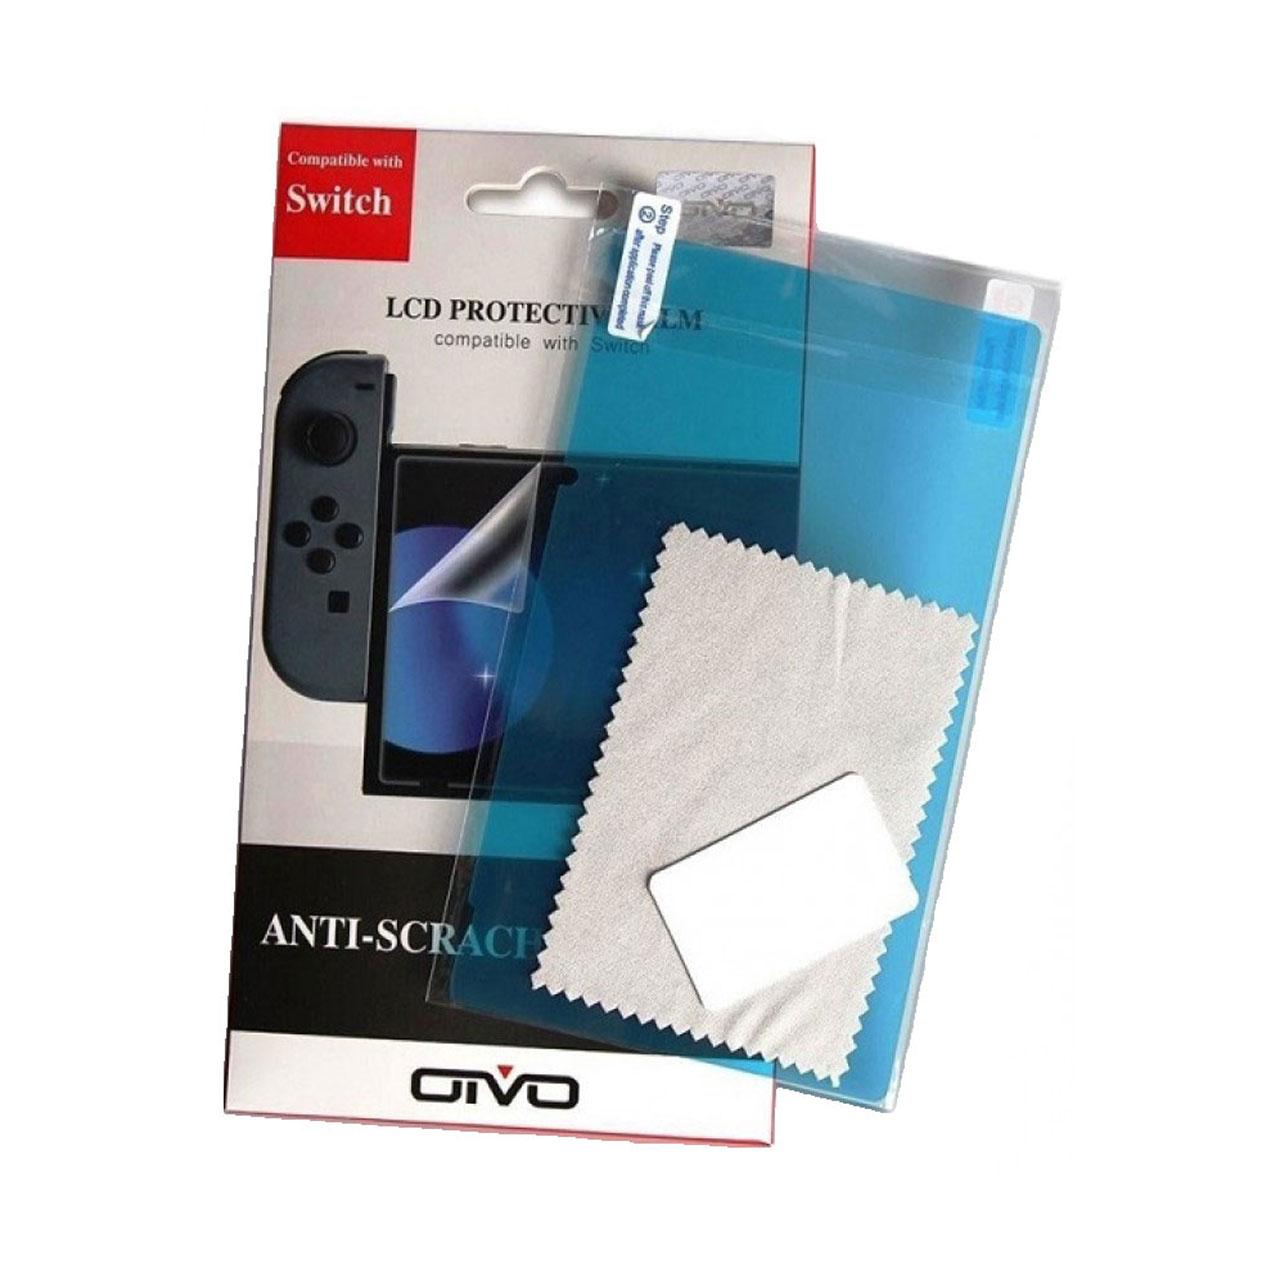 بررسی و {خرید با تخفیف} محافظ صفحه نمایش اوتیوو مدل IV-SW001 مناسب نینتندوسوئیچ اصل